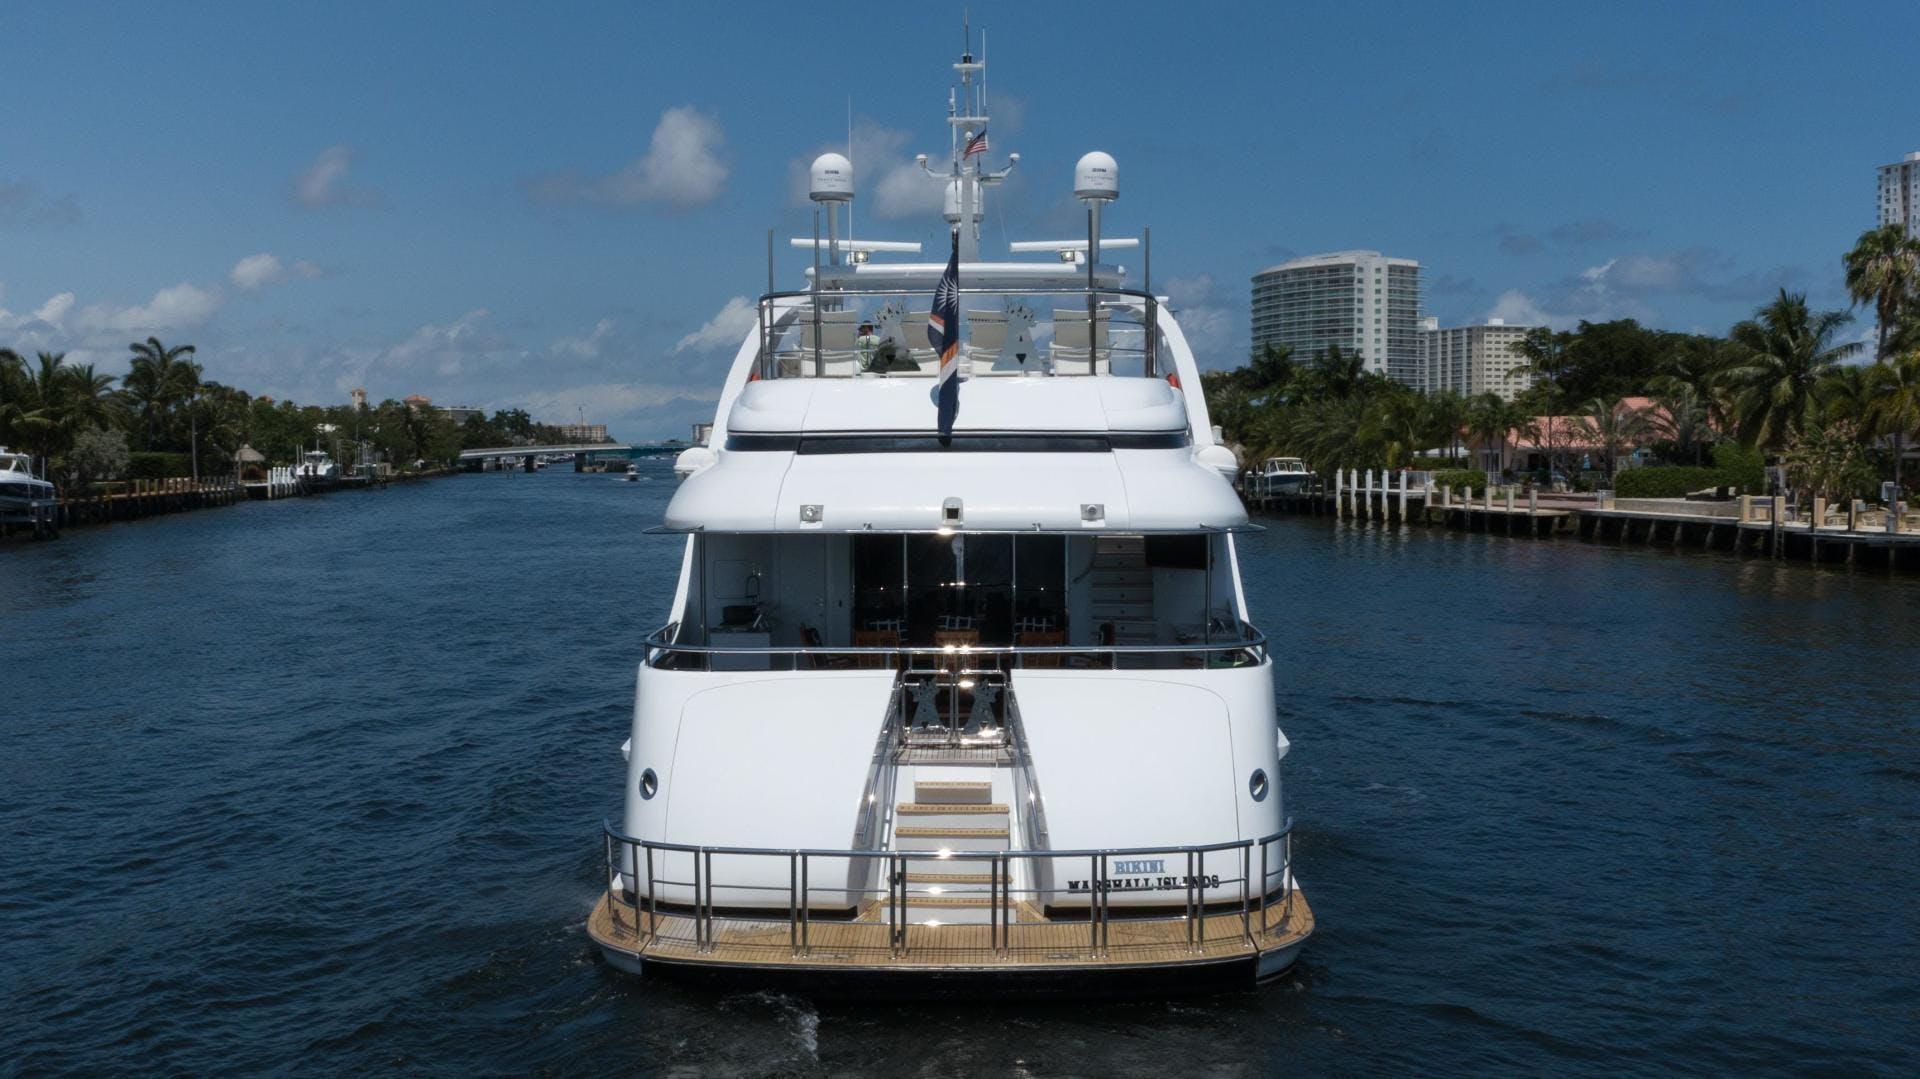 2003 Millennium Super Yachts 118' Raised Pilothouse Arthur's Way | Picture 3 of 54